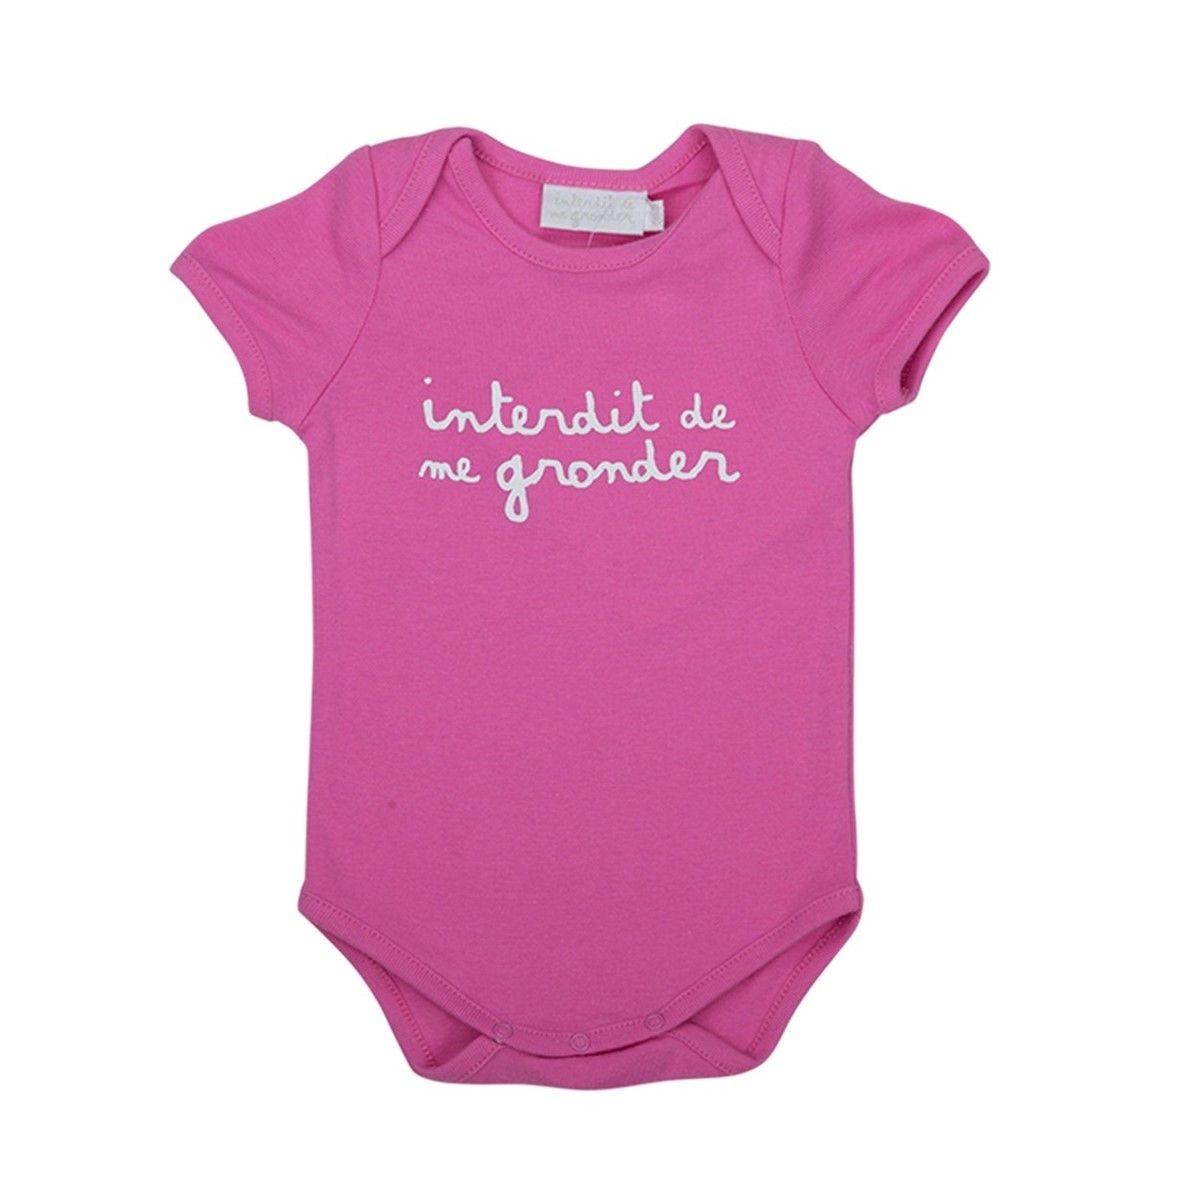 Vêtement bébé Fille/Bodys Bébé Fille Petit interdit